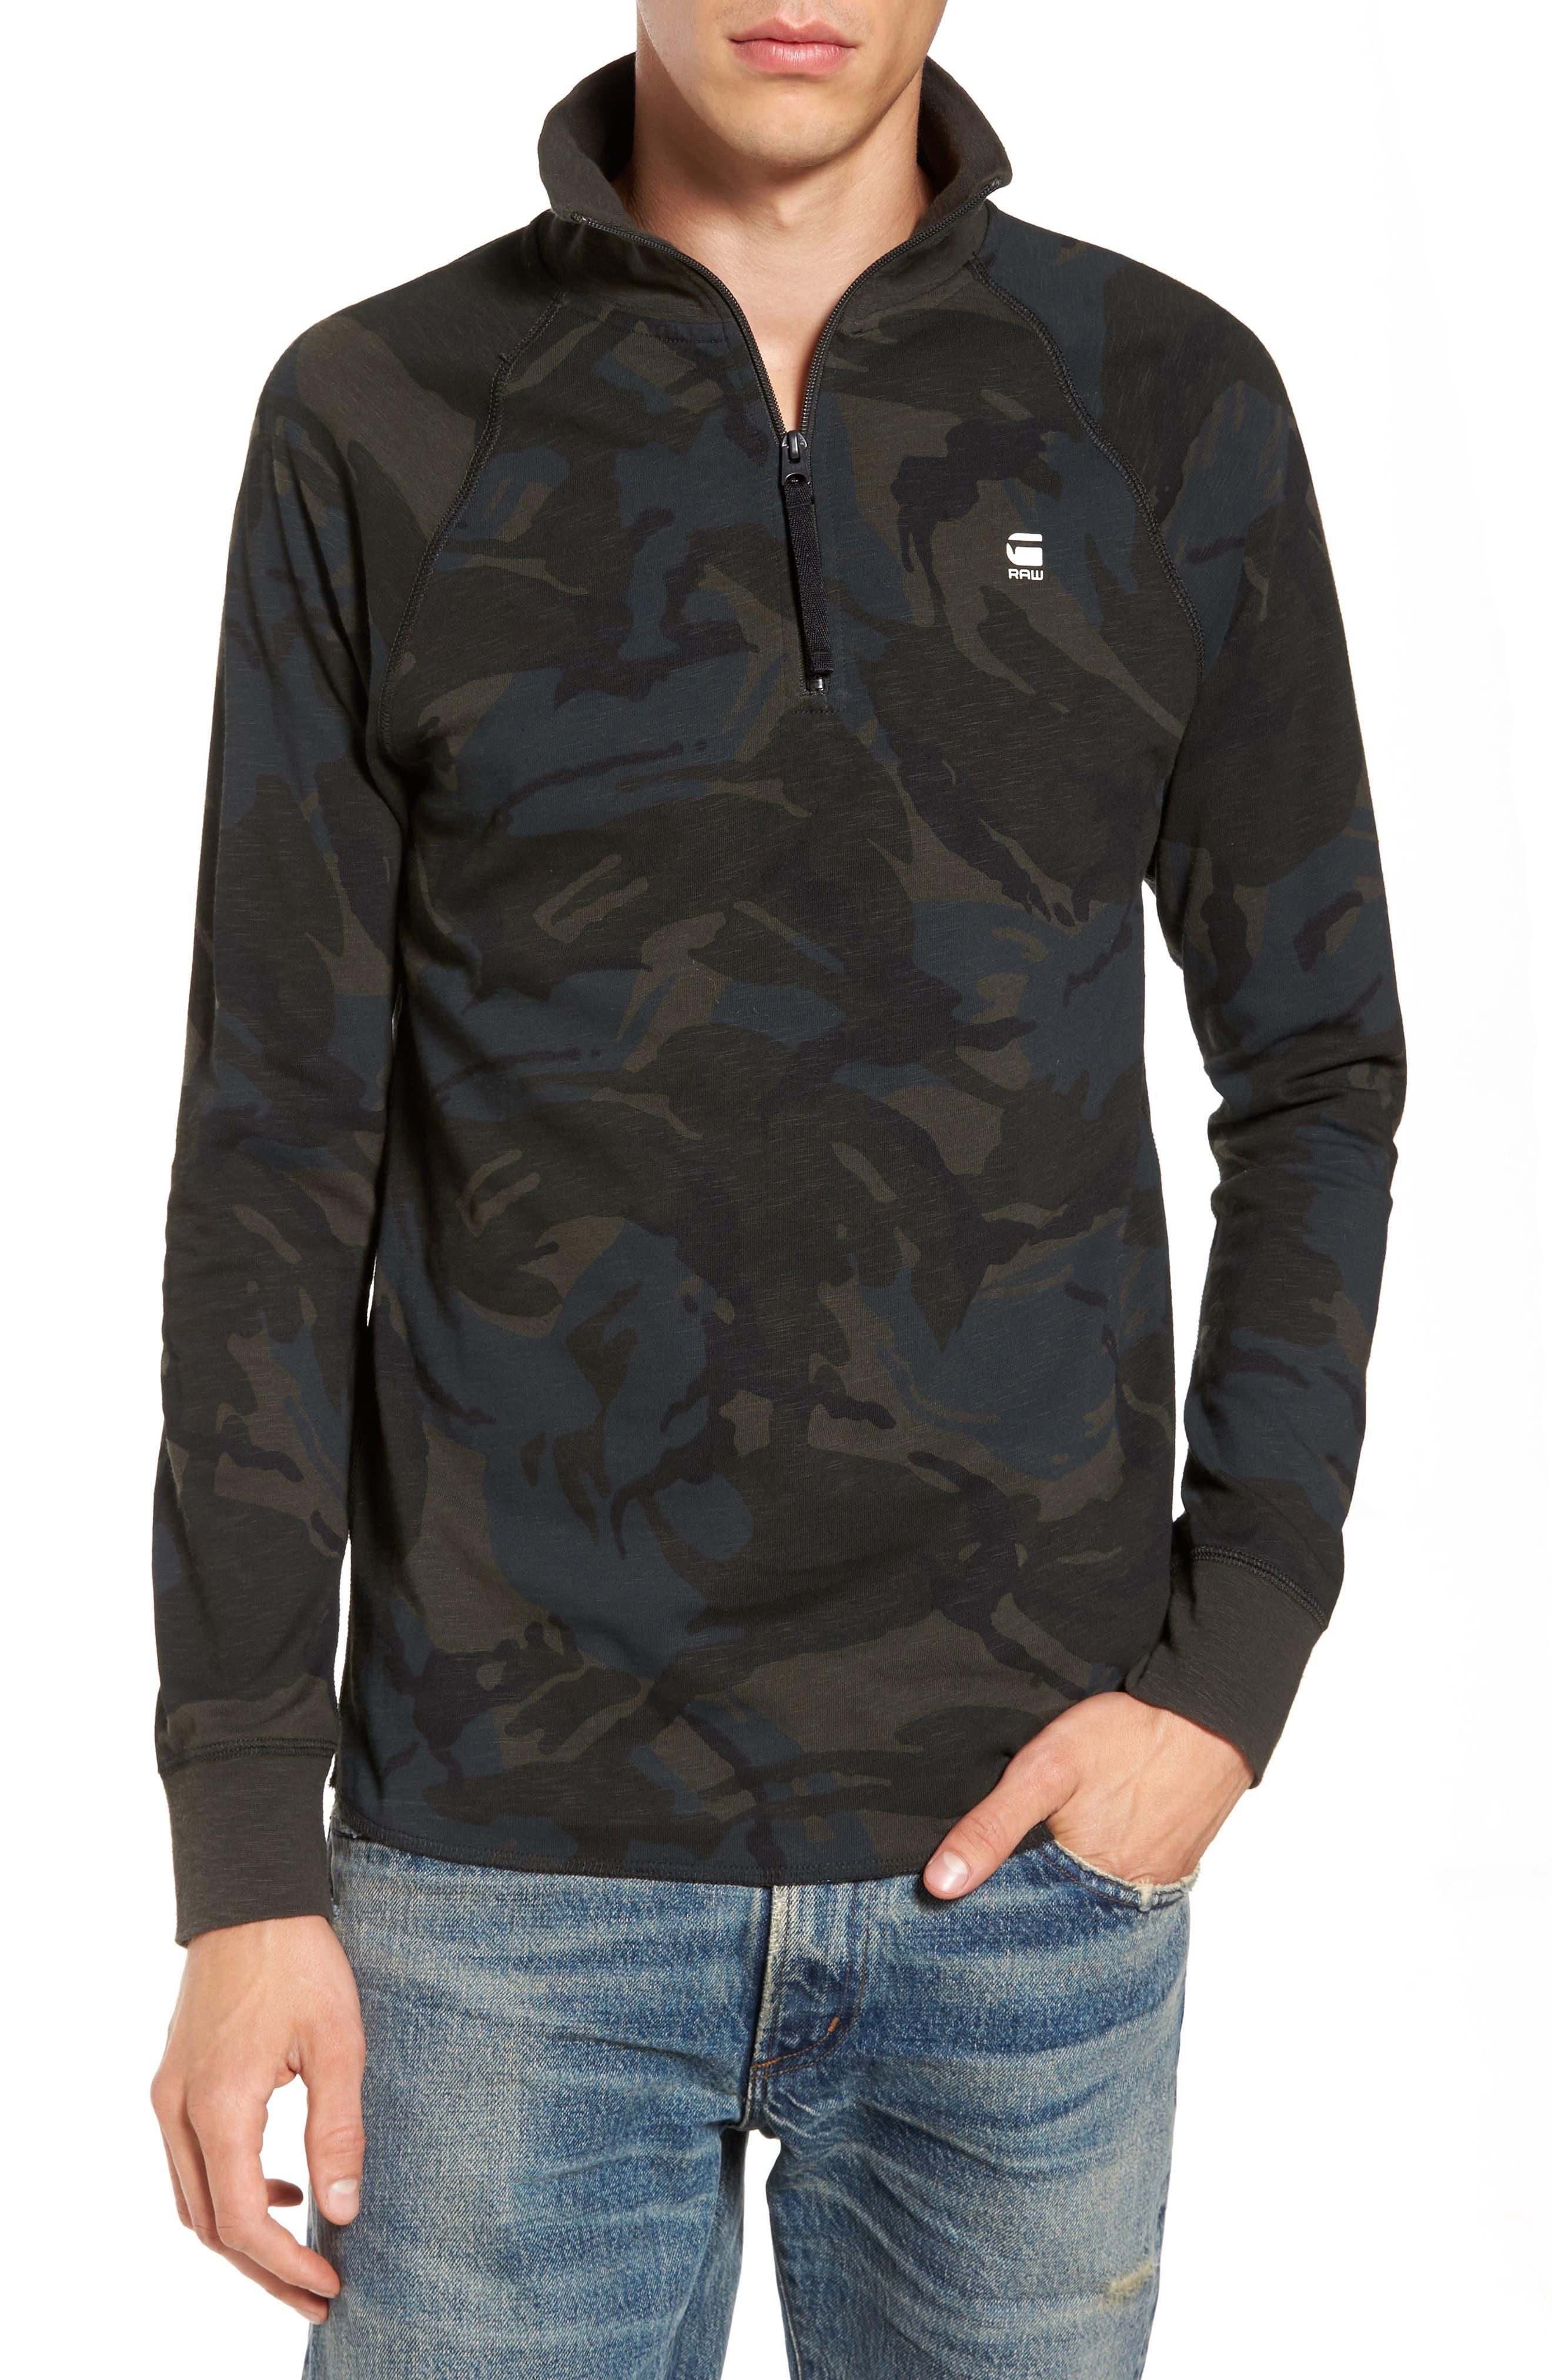 Jirgi Quarter Zip Jacket,                         Main,                         color, Green